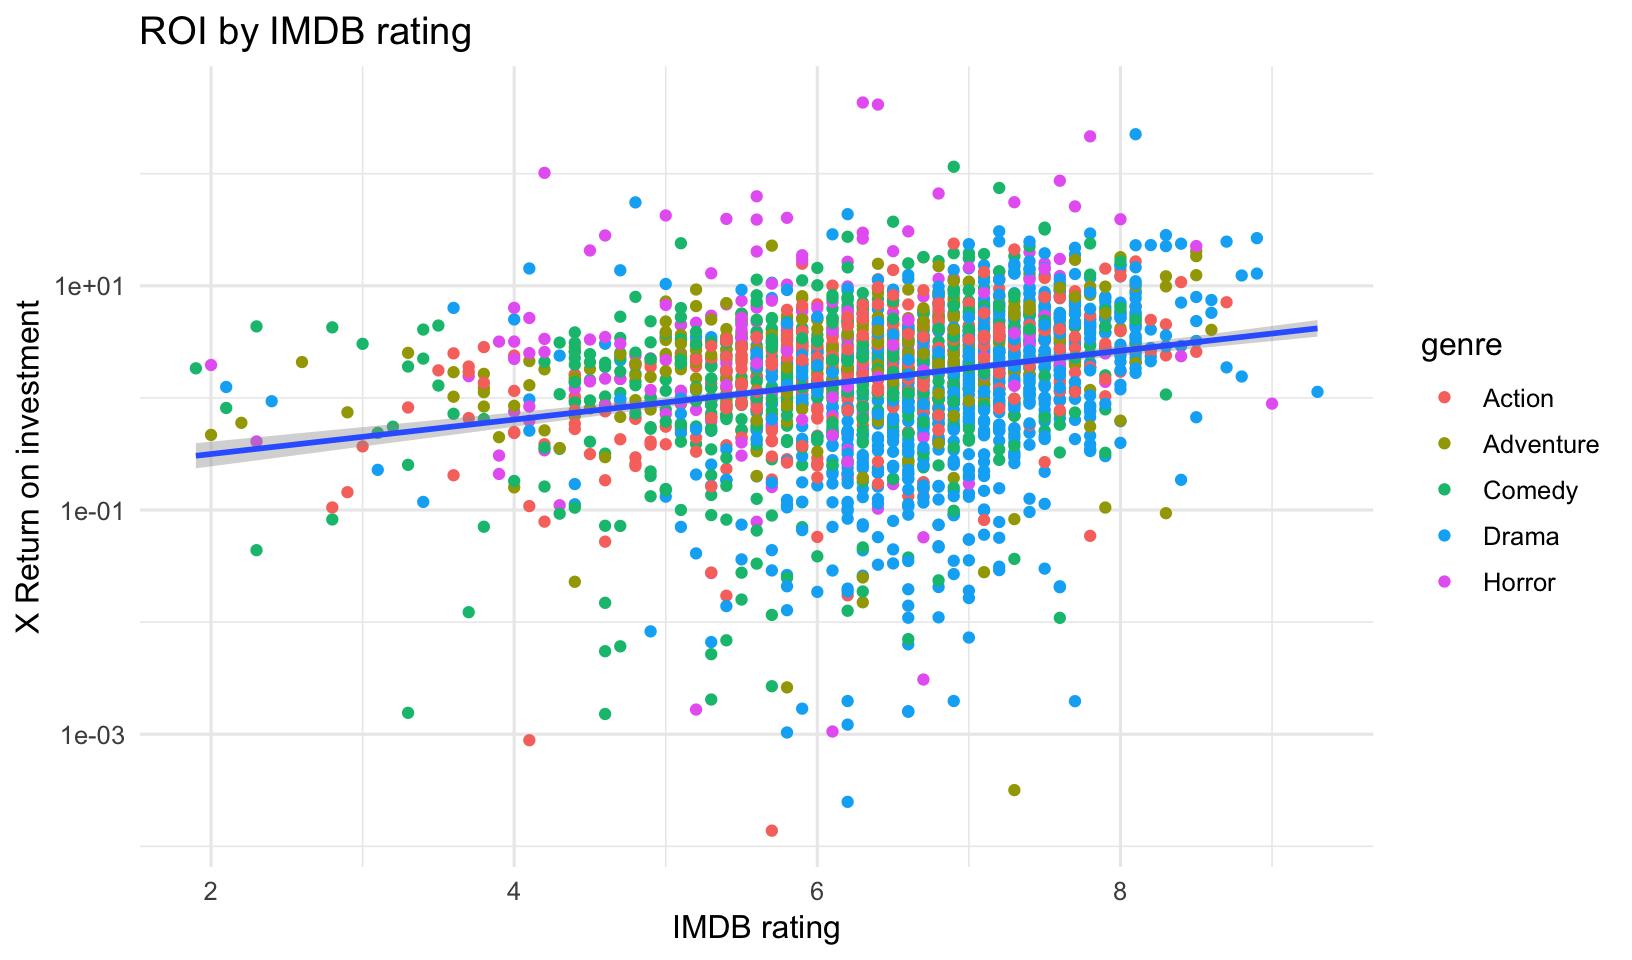 Refresher: Tidy Exploratory Data Analysis